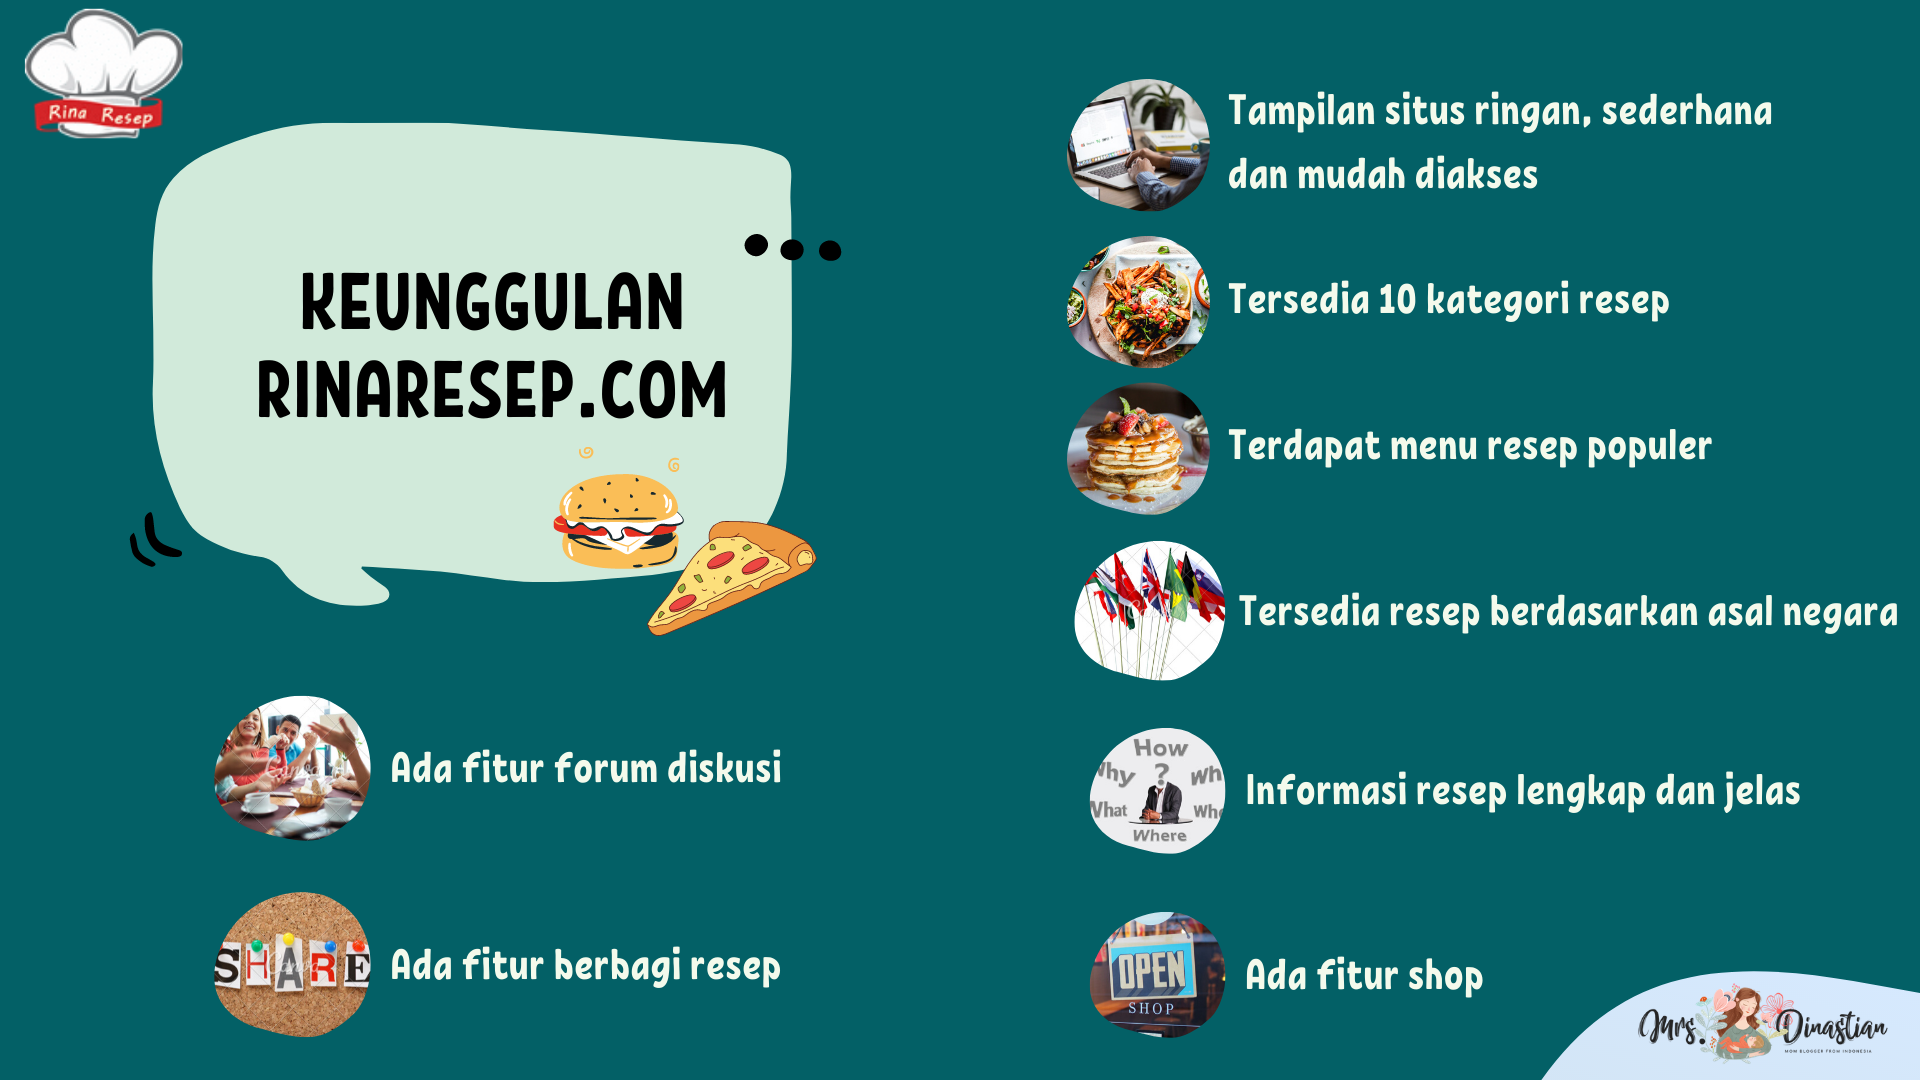 Keunggulan Resep Masakan Rinaresep.com